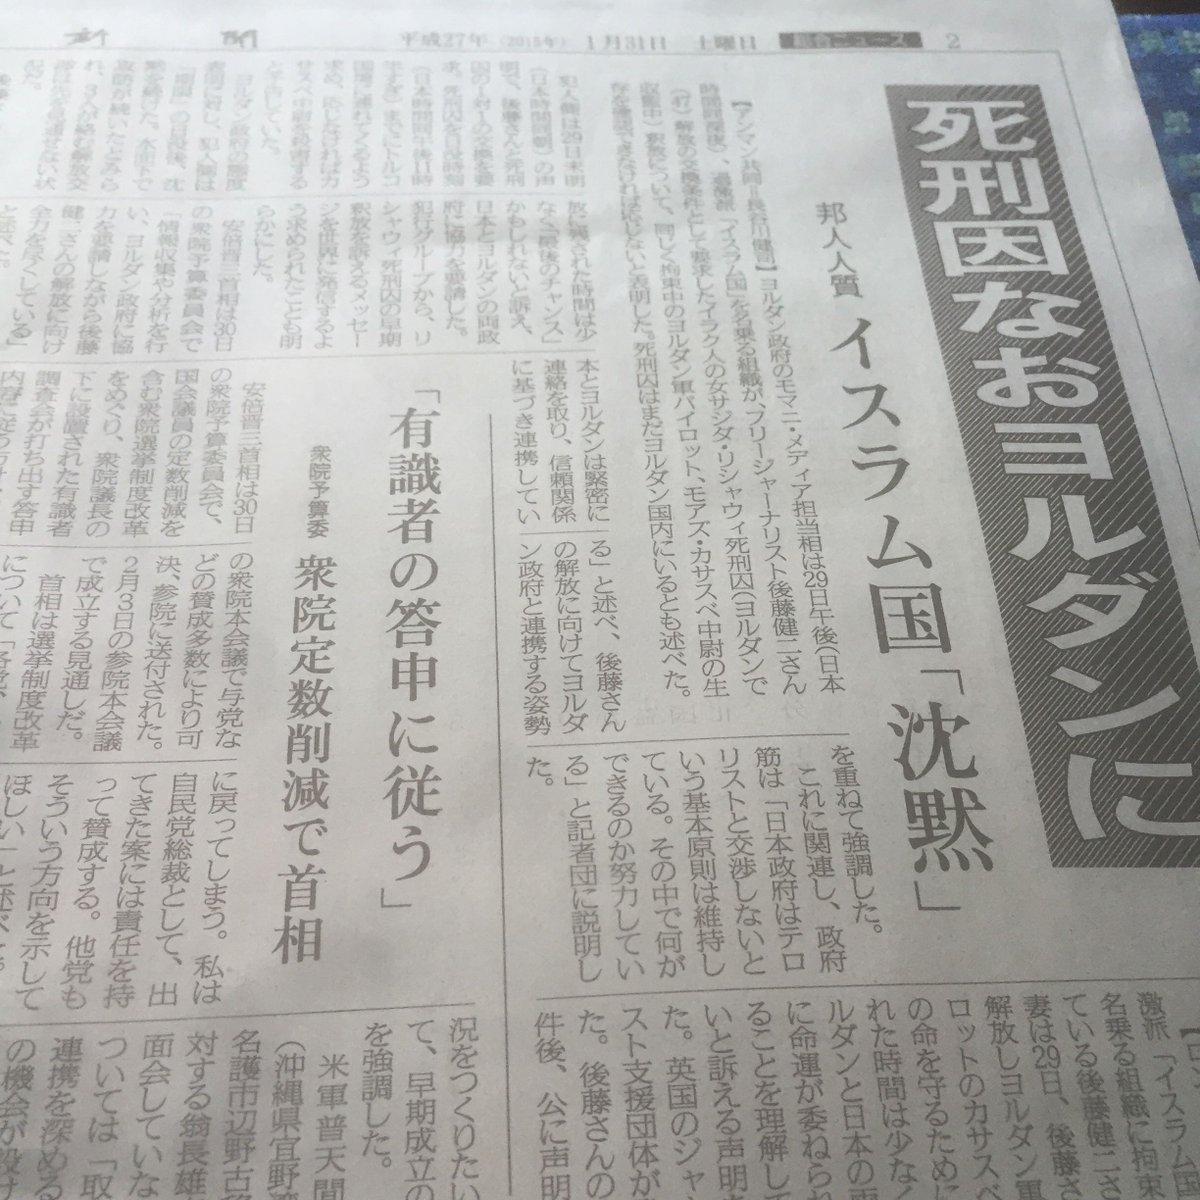 校正ガバガバやないか! RT @naranohito: 今朝の奈良新聞。 死刑因…?死刑囚ではなく…?w http://t.co/8phQoXwKdr